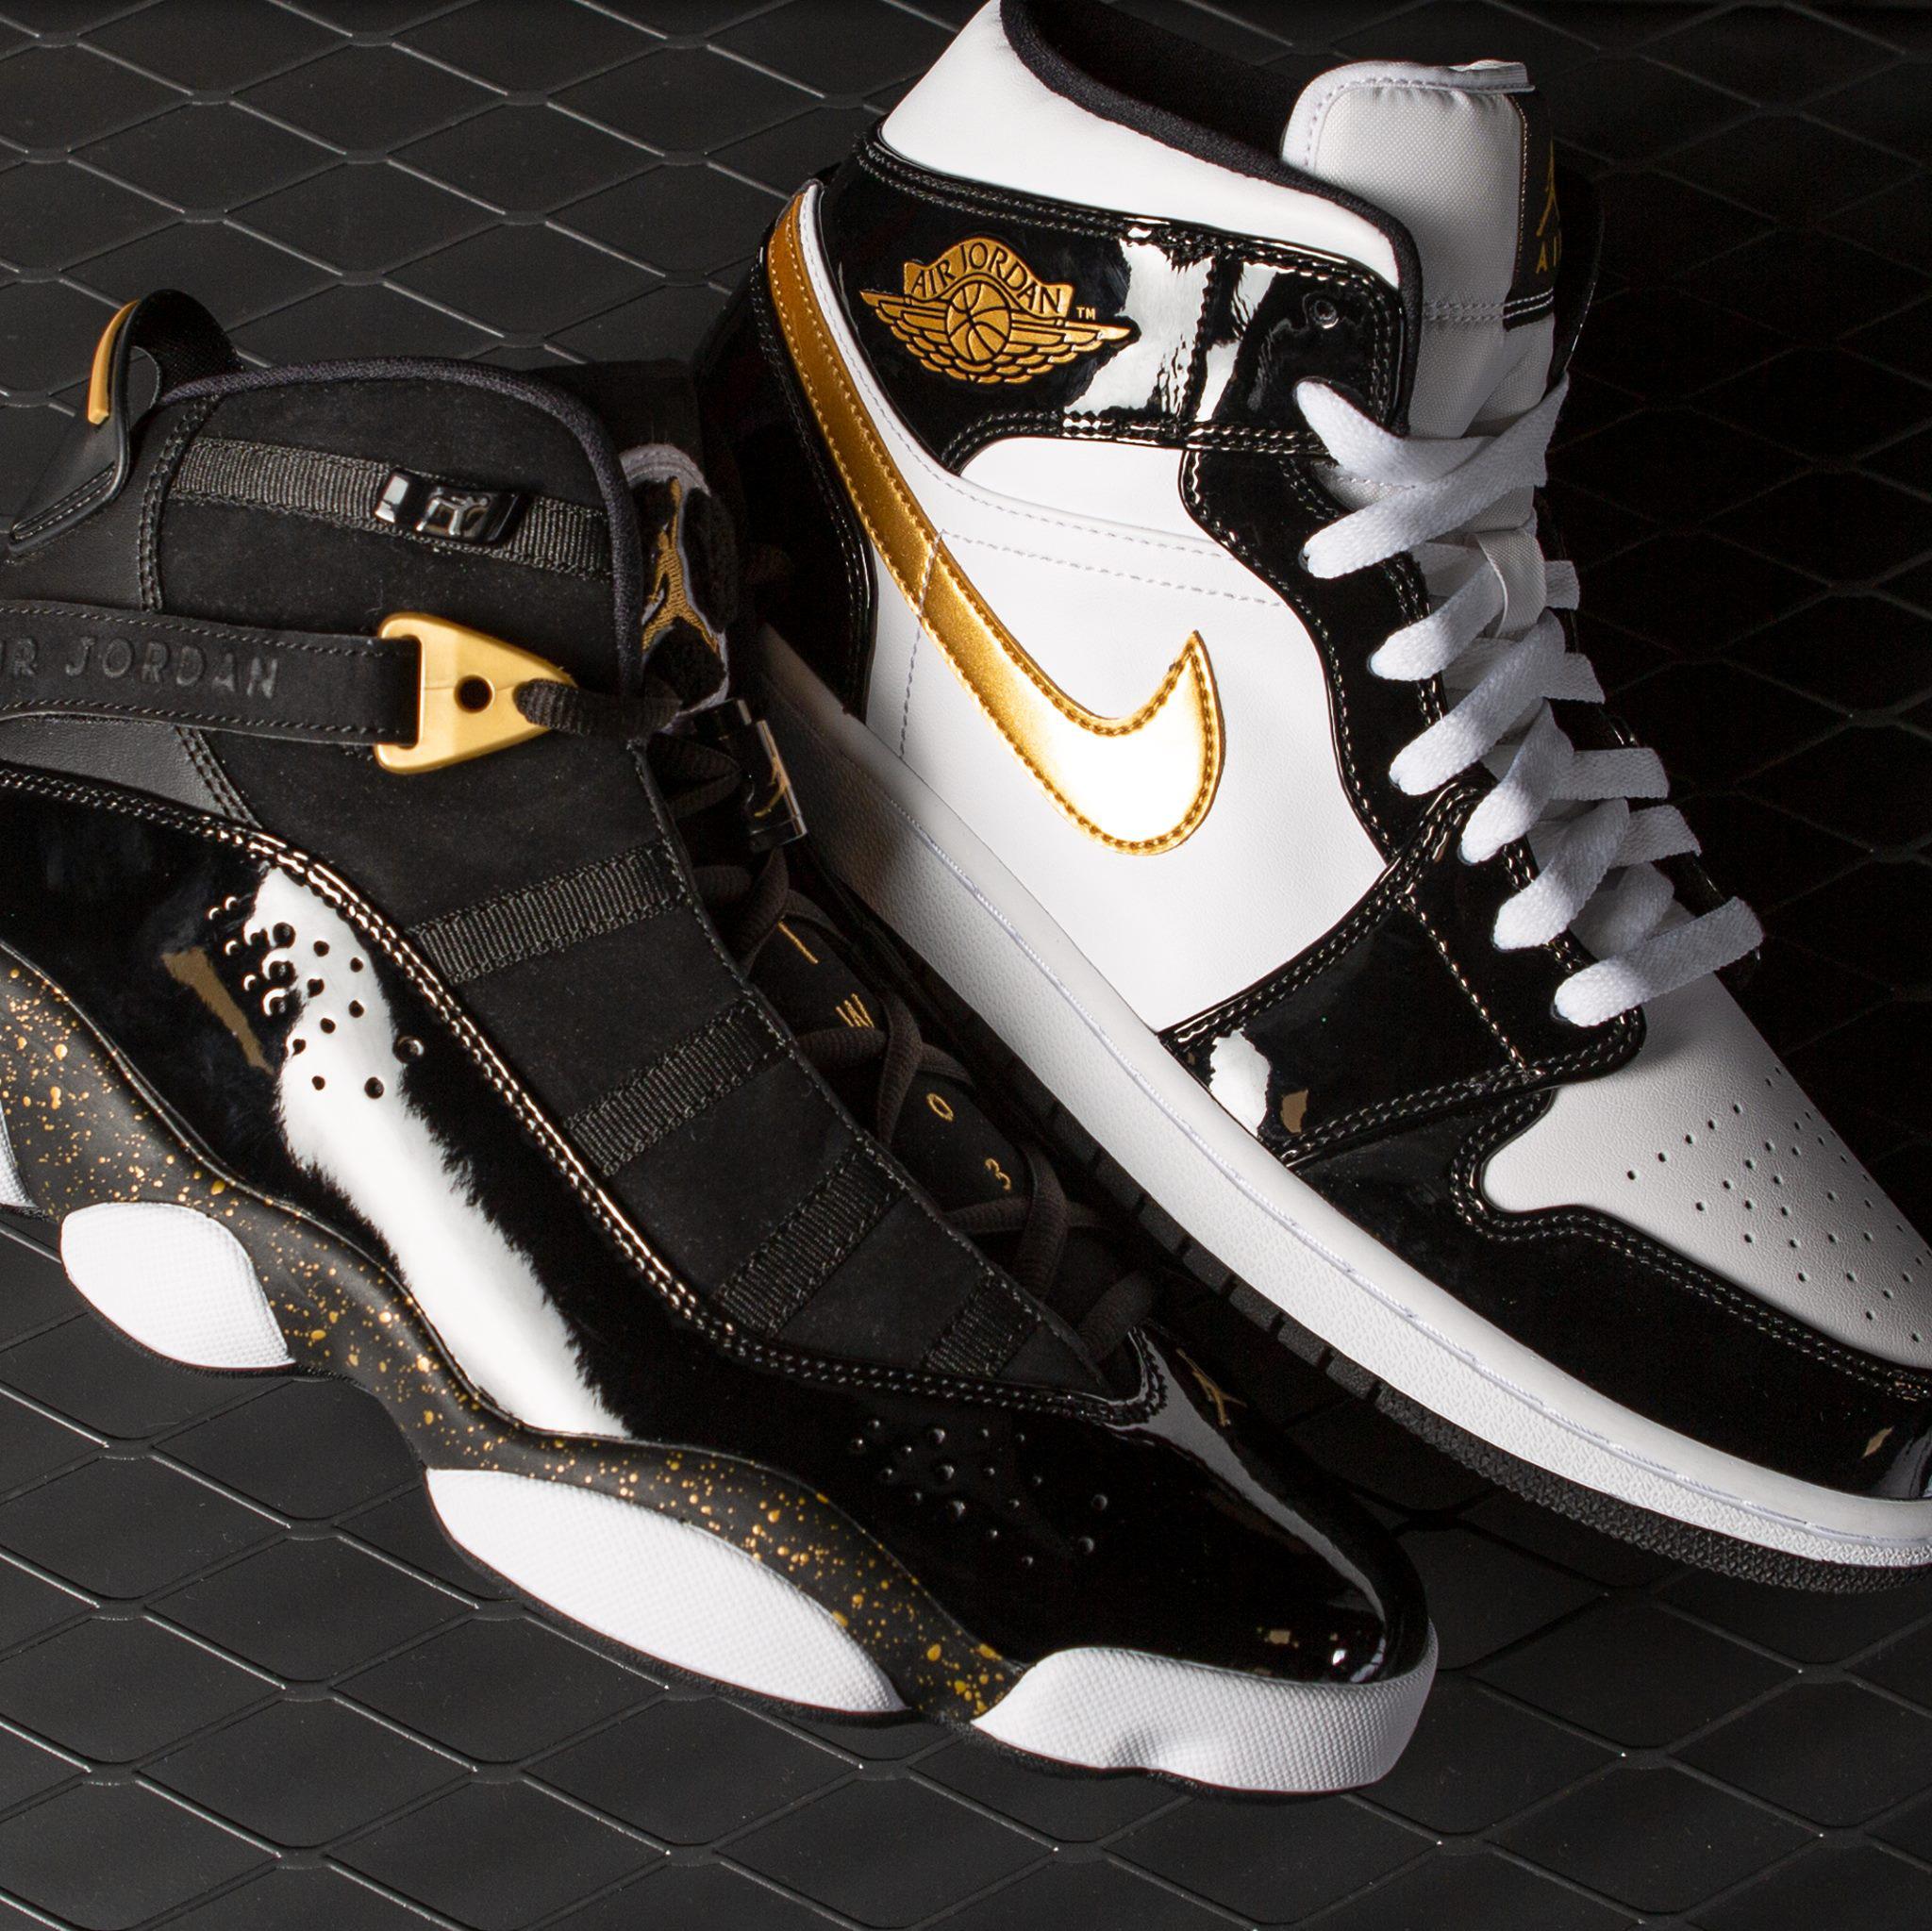 jordan-metallic-gold-shoes